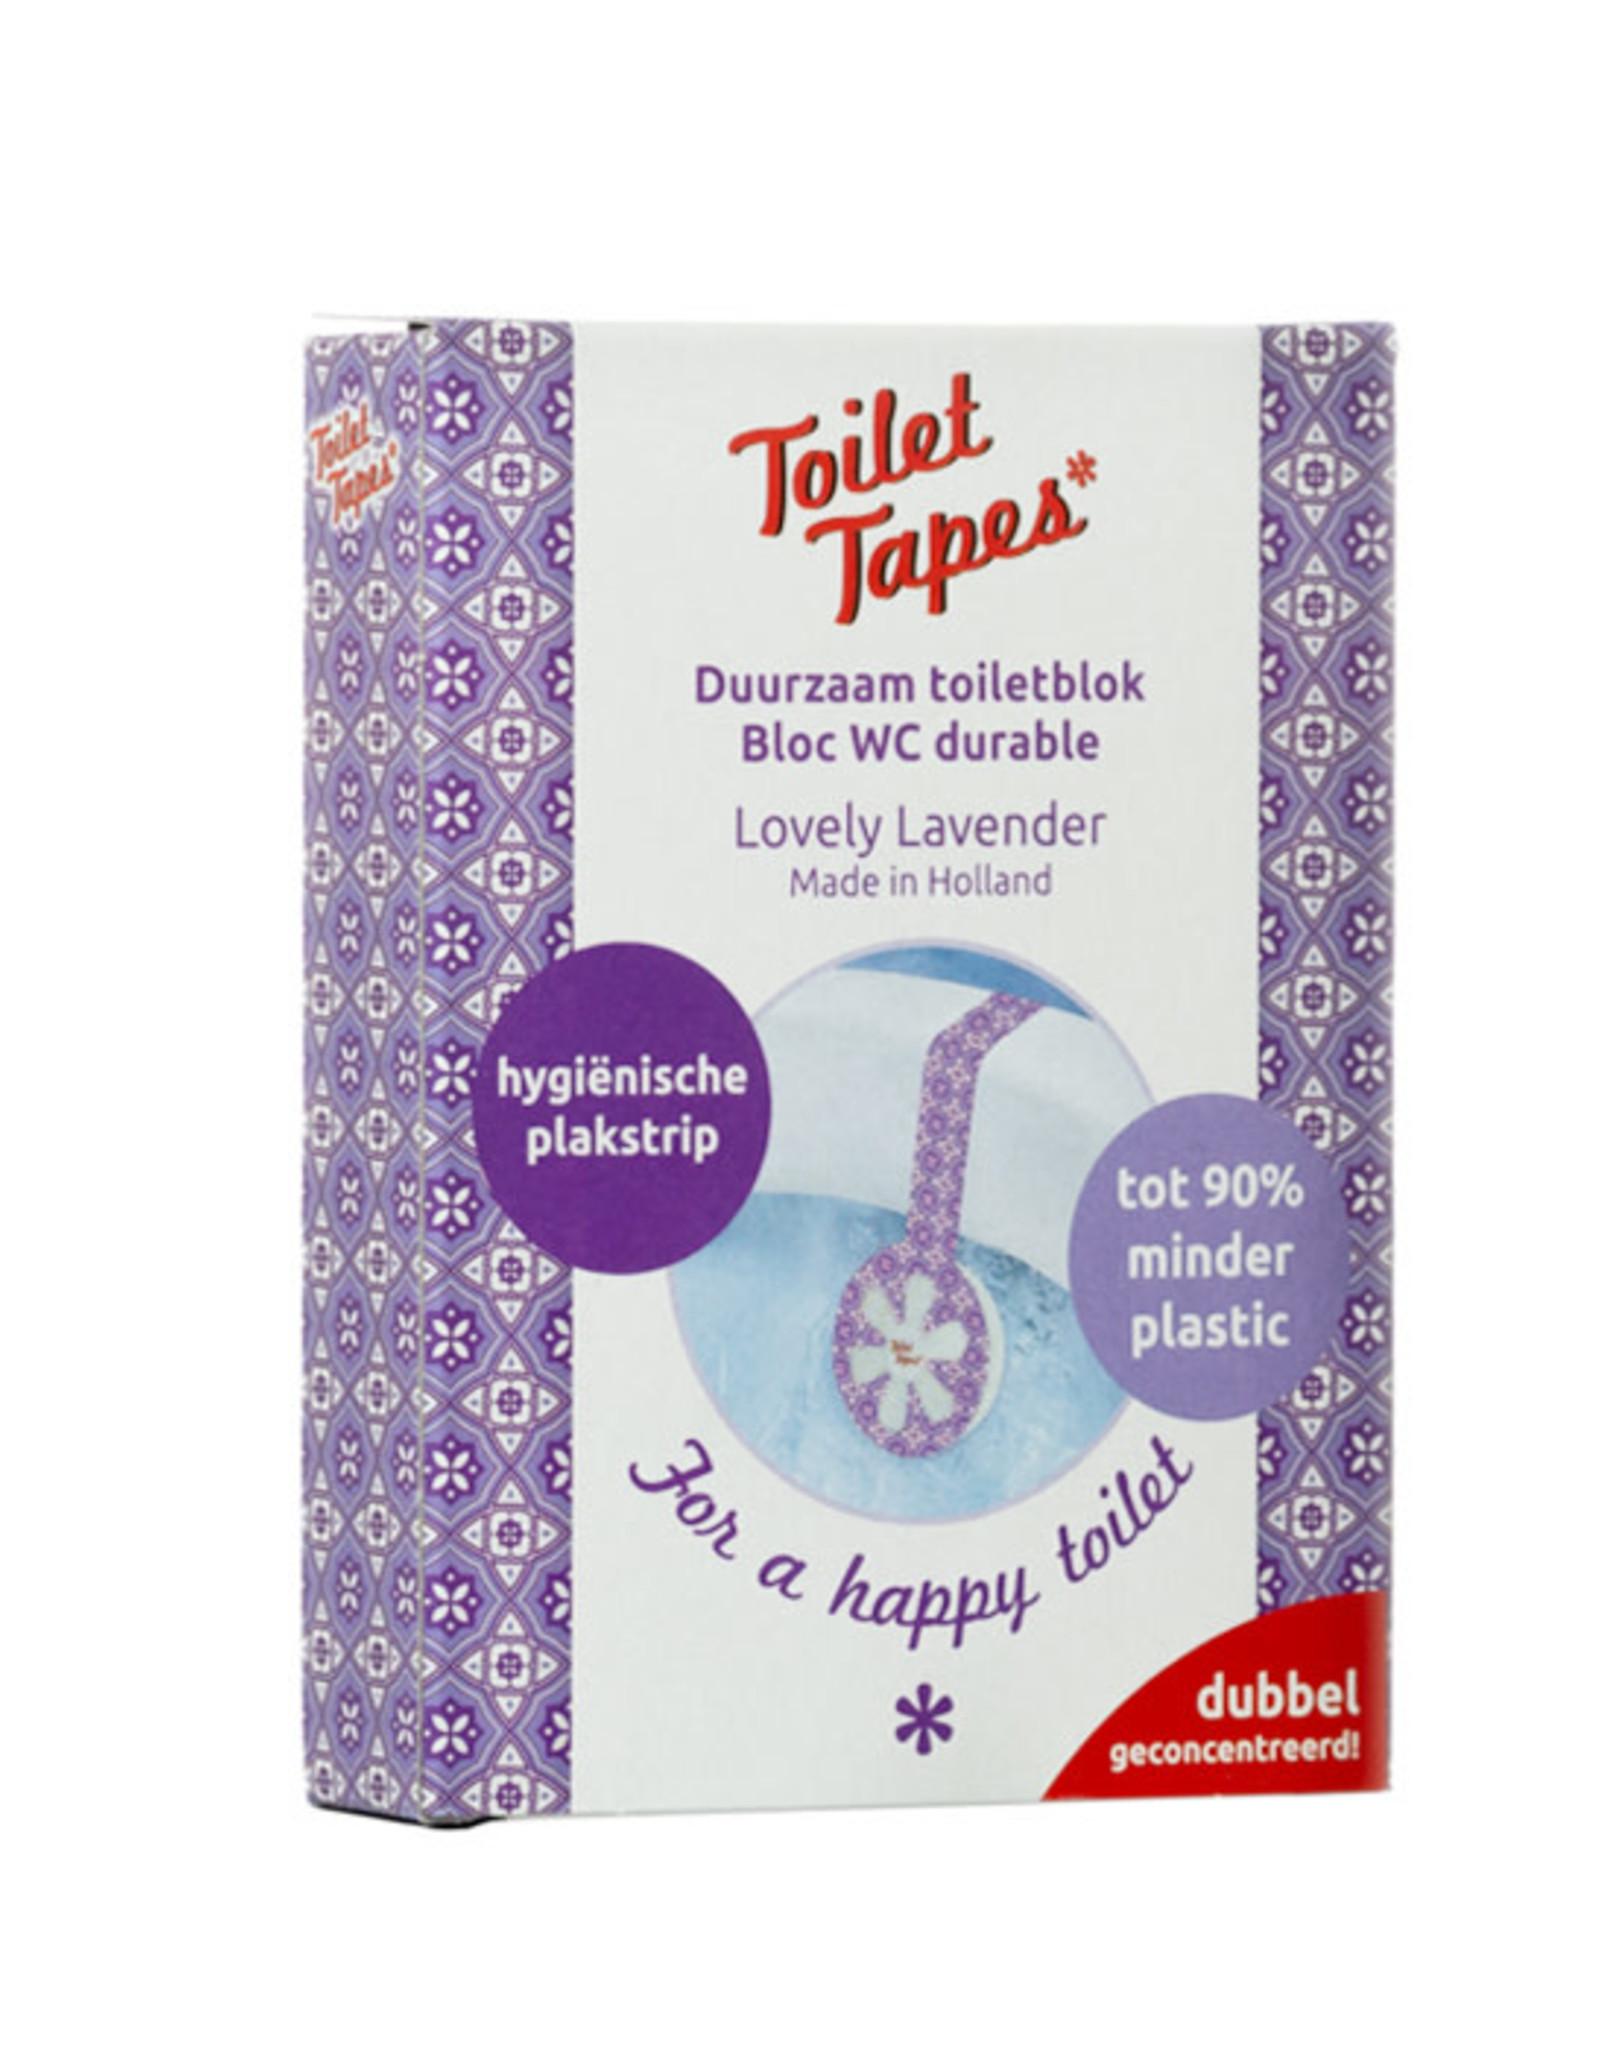 Toilet Tapes Toilettape wc blokje - Lovely Lavender